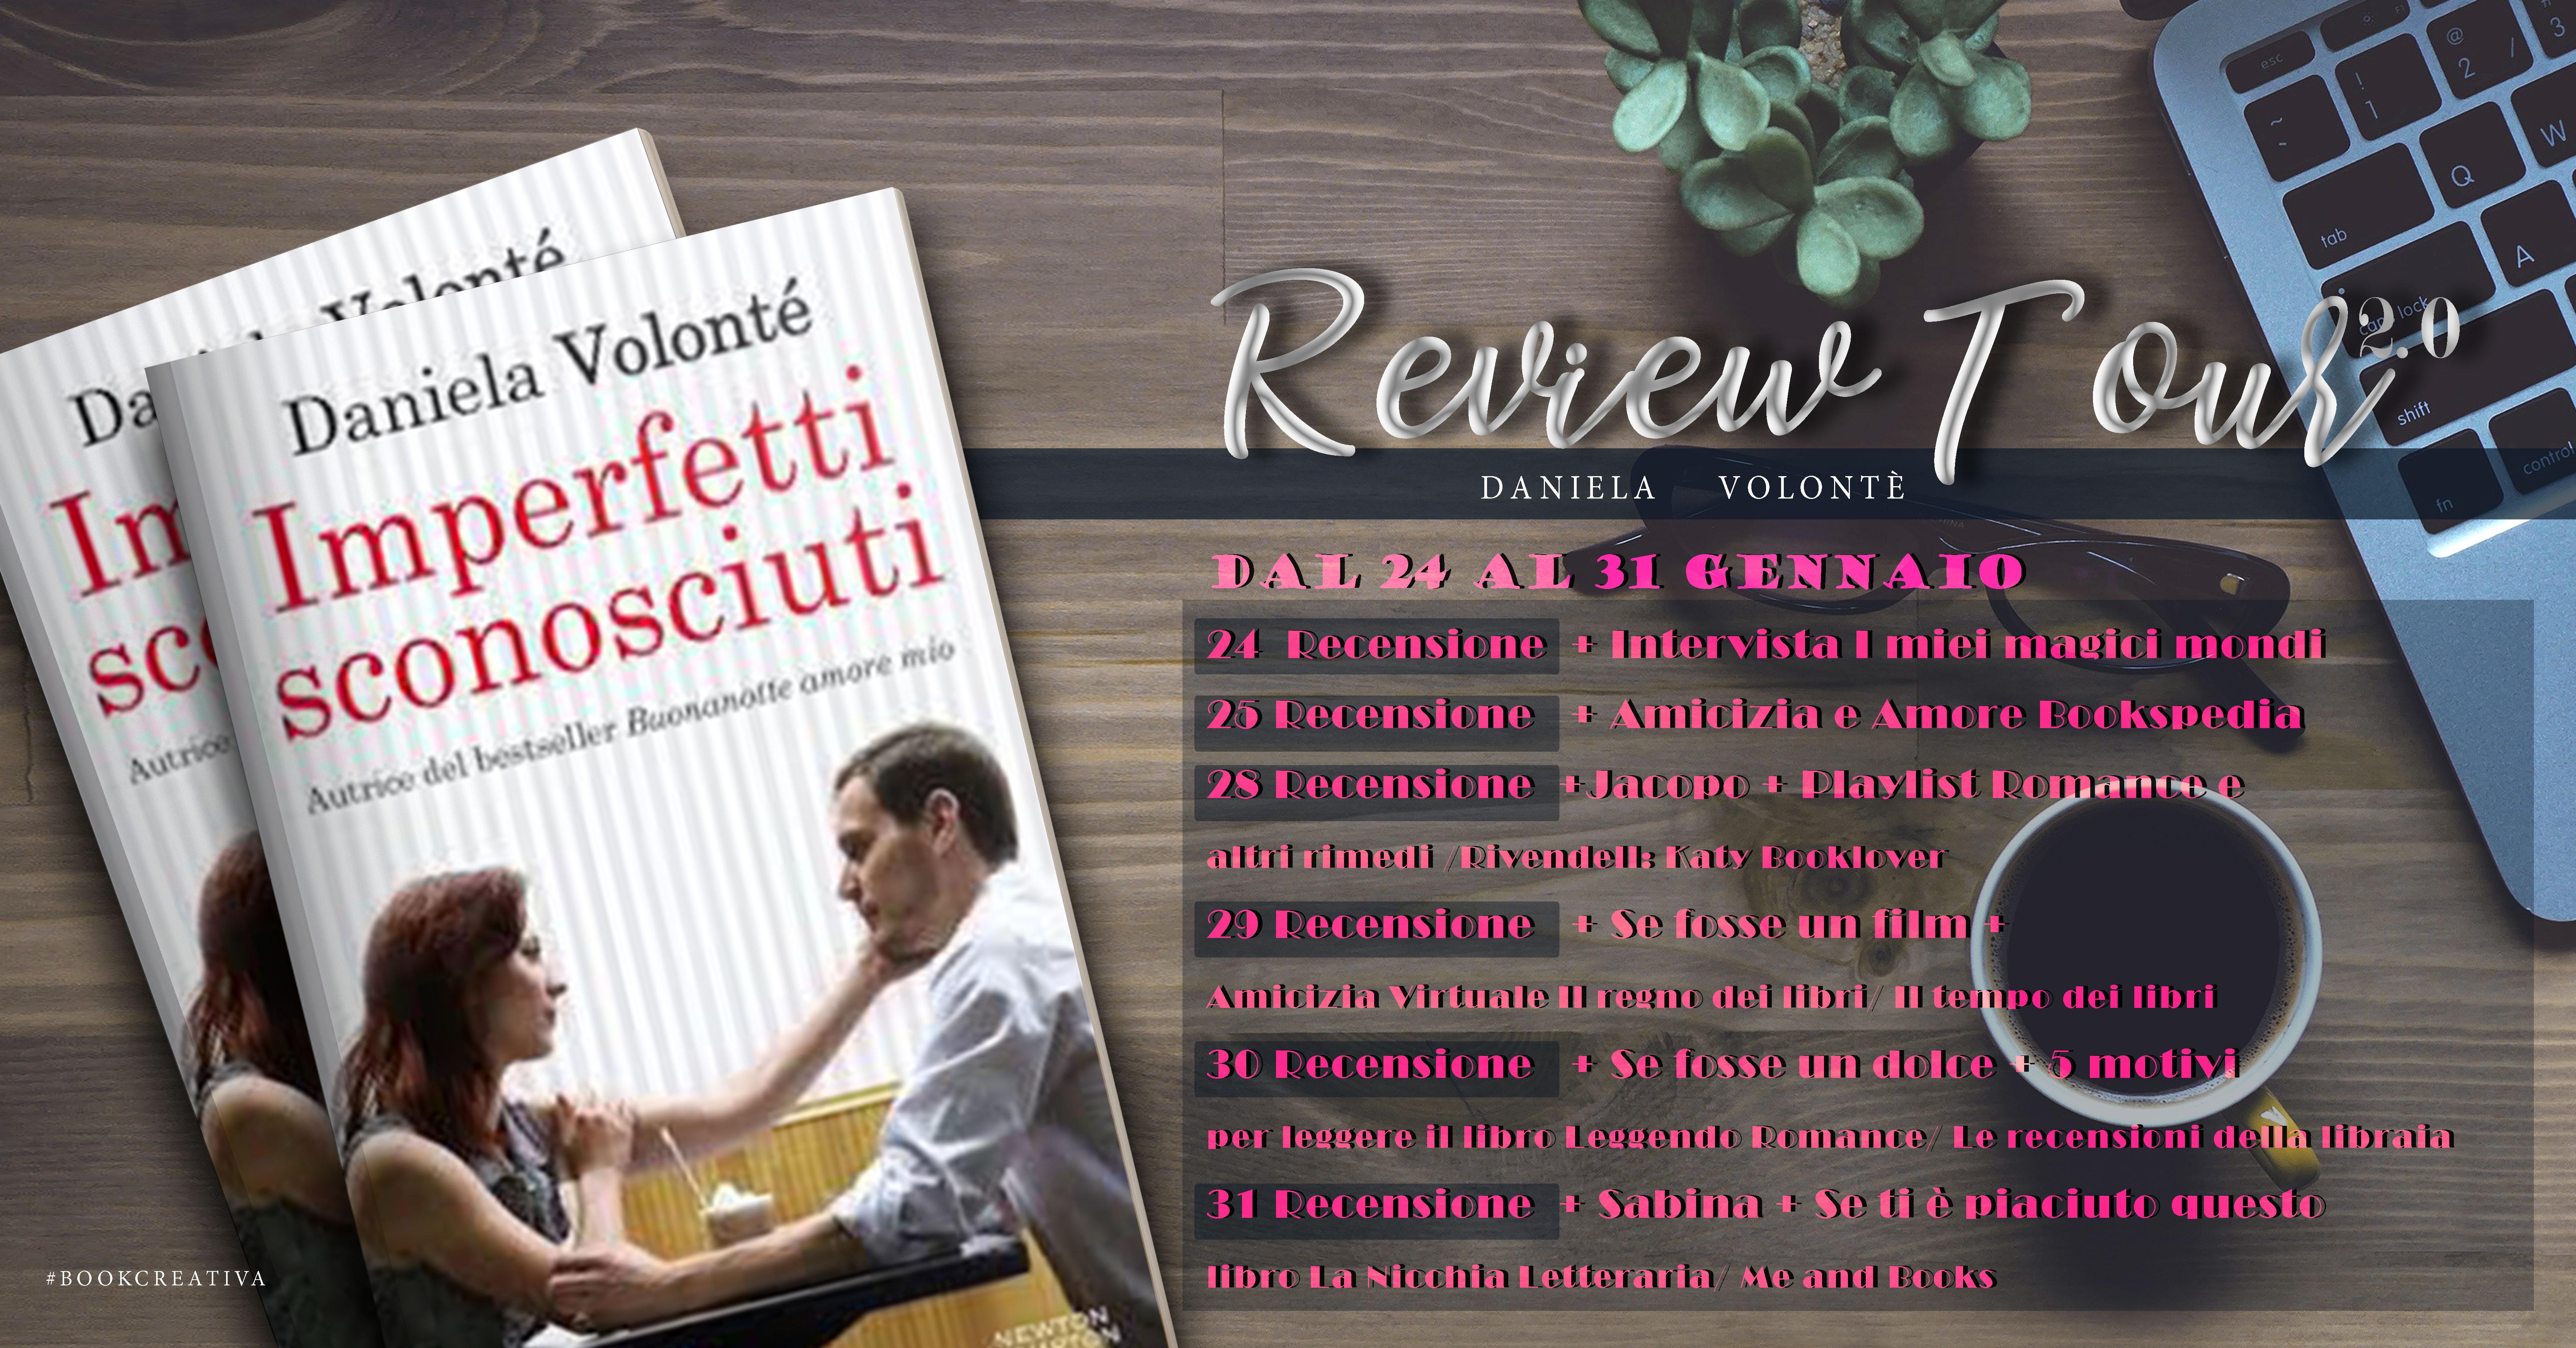 Review Tour 2.0 - Imperfetti sconosciuti di Daniela Volonté